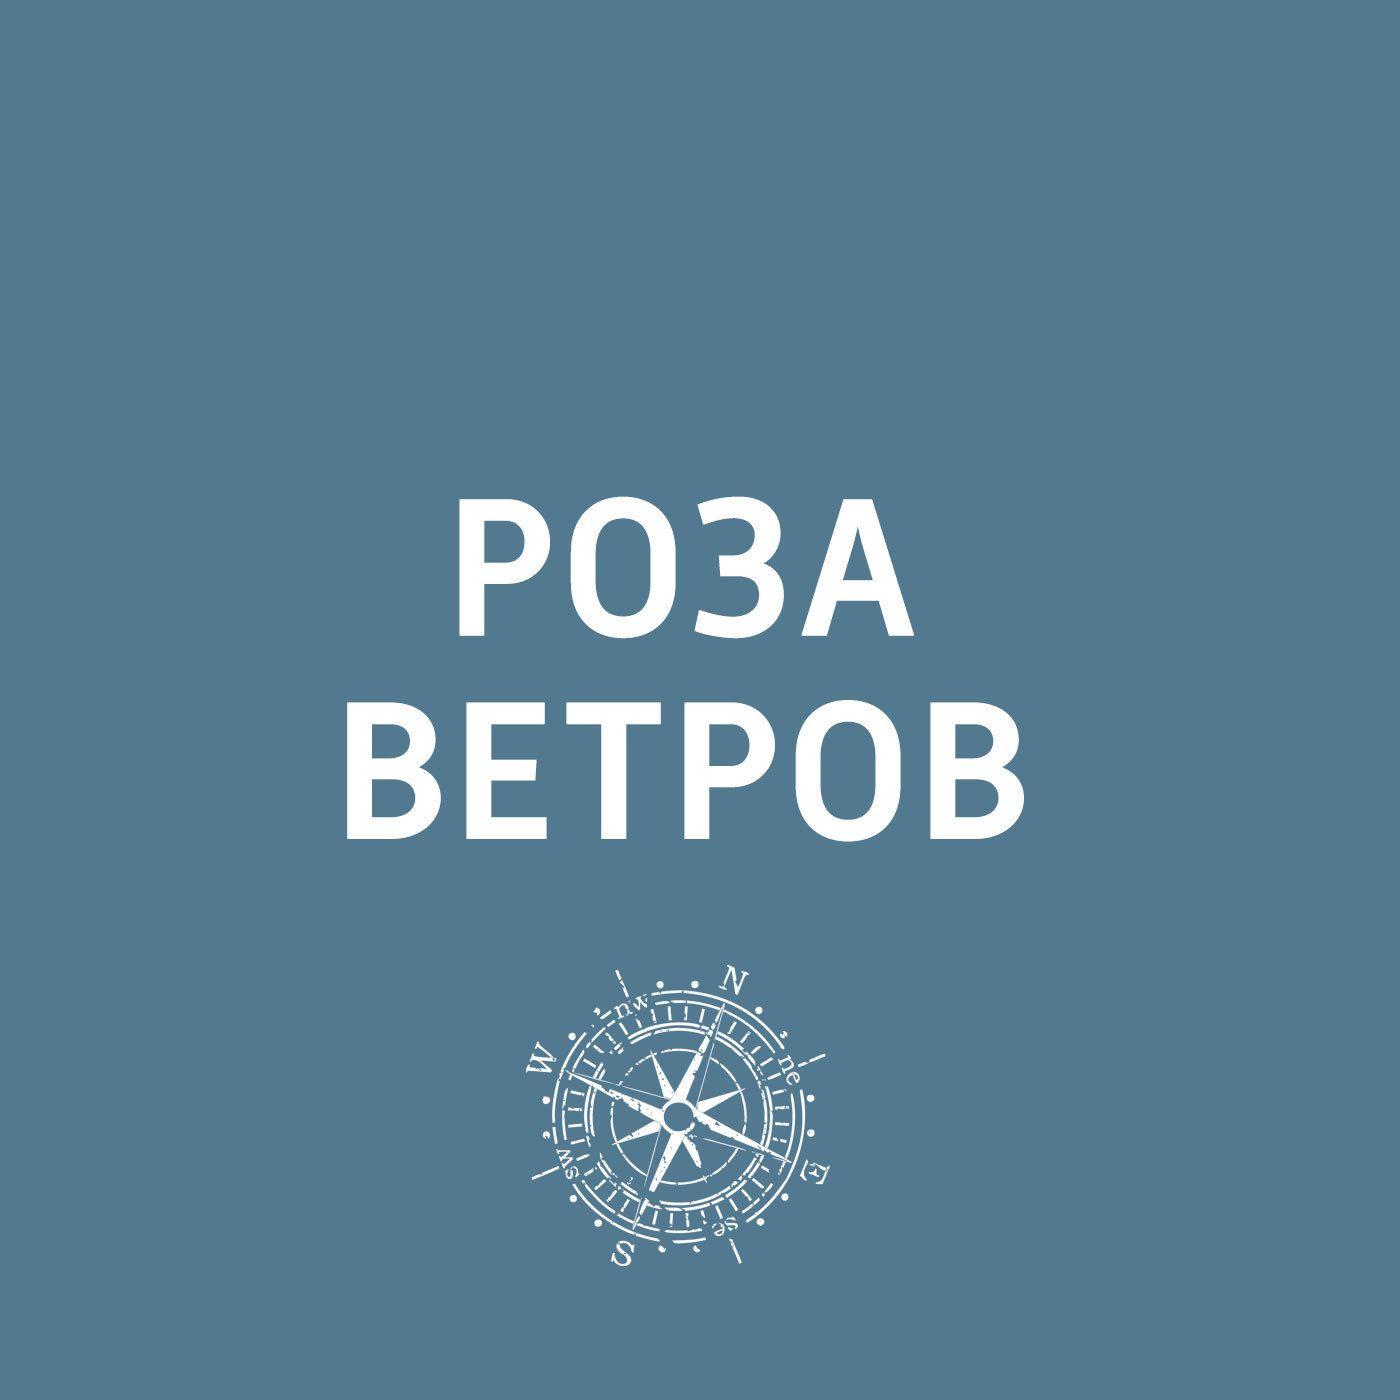 Творческий коллектив шоу «Уральские самоцветы» Как сэкономить при покупке авиабилетов приобретение авиабилетов через интернет